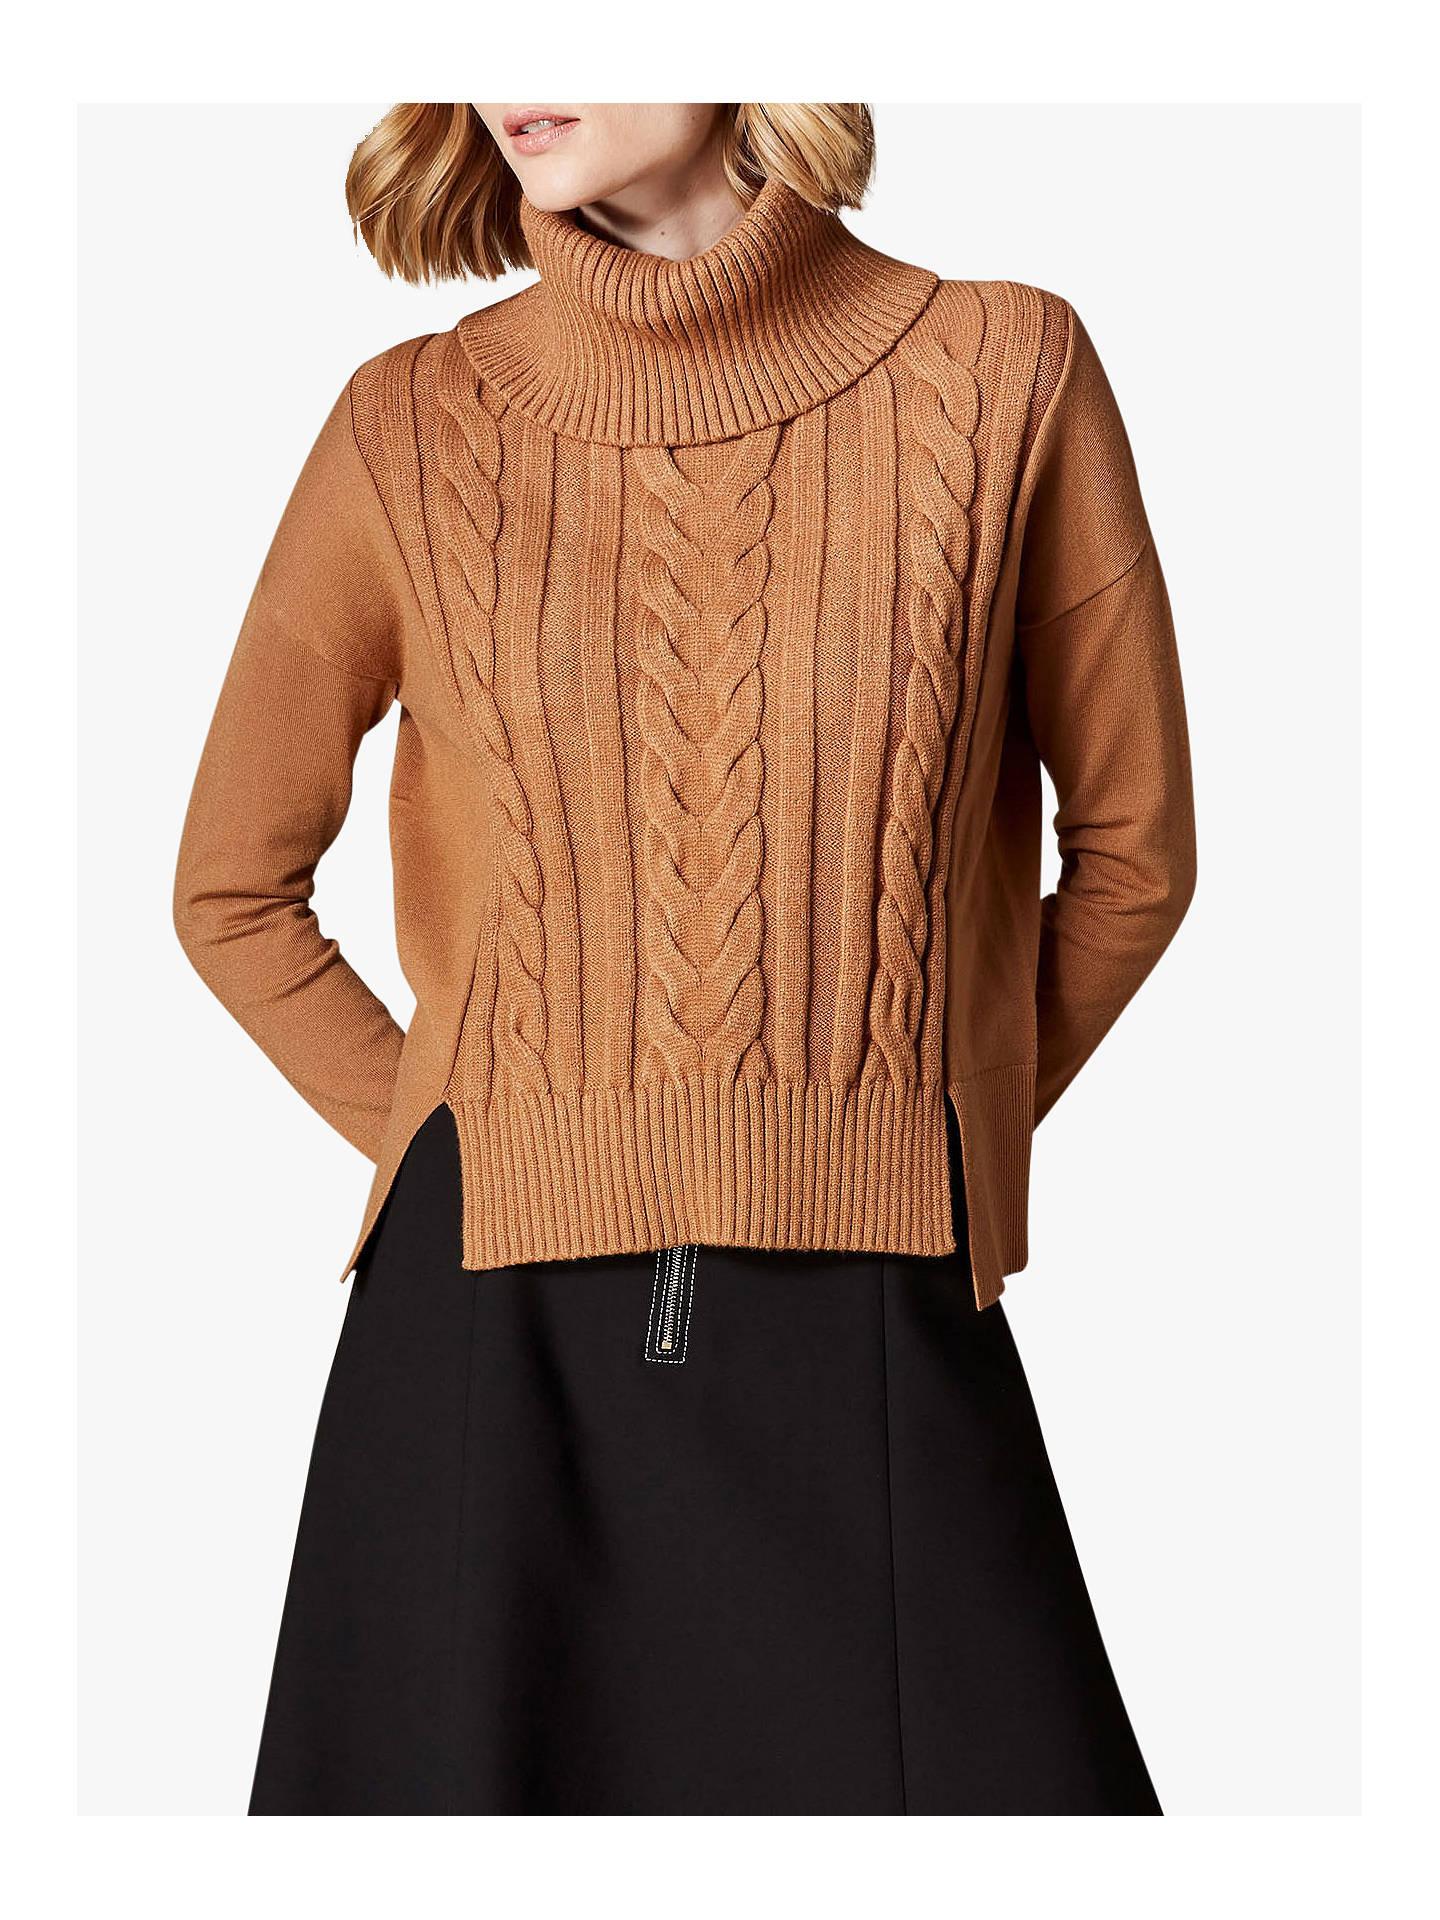 dcbe422ff8d Buy Karen Millen Roll Neck Cable Knit Jumper, Camel, XS Online at johnlewis.